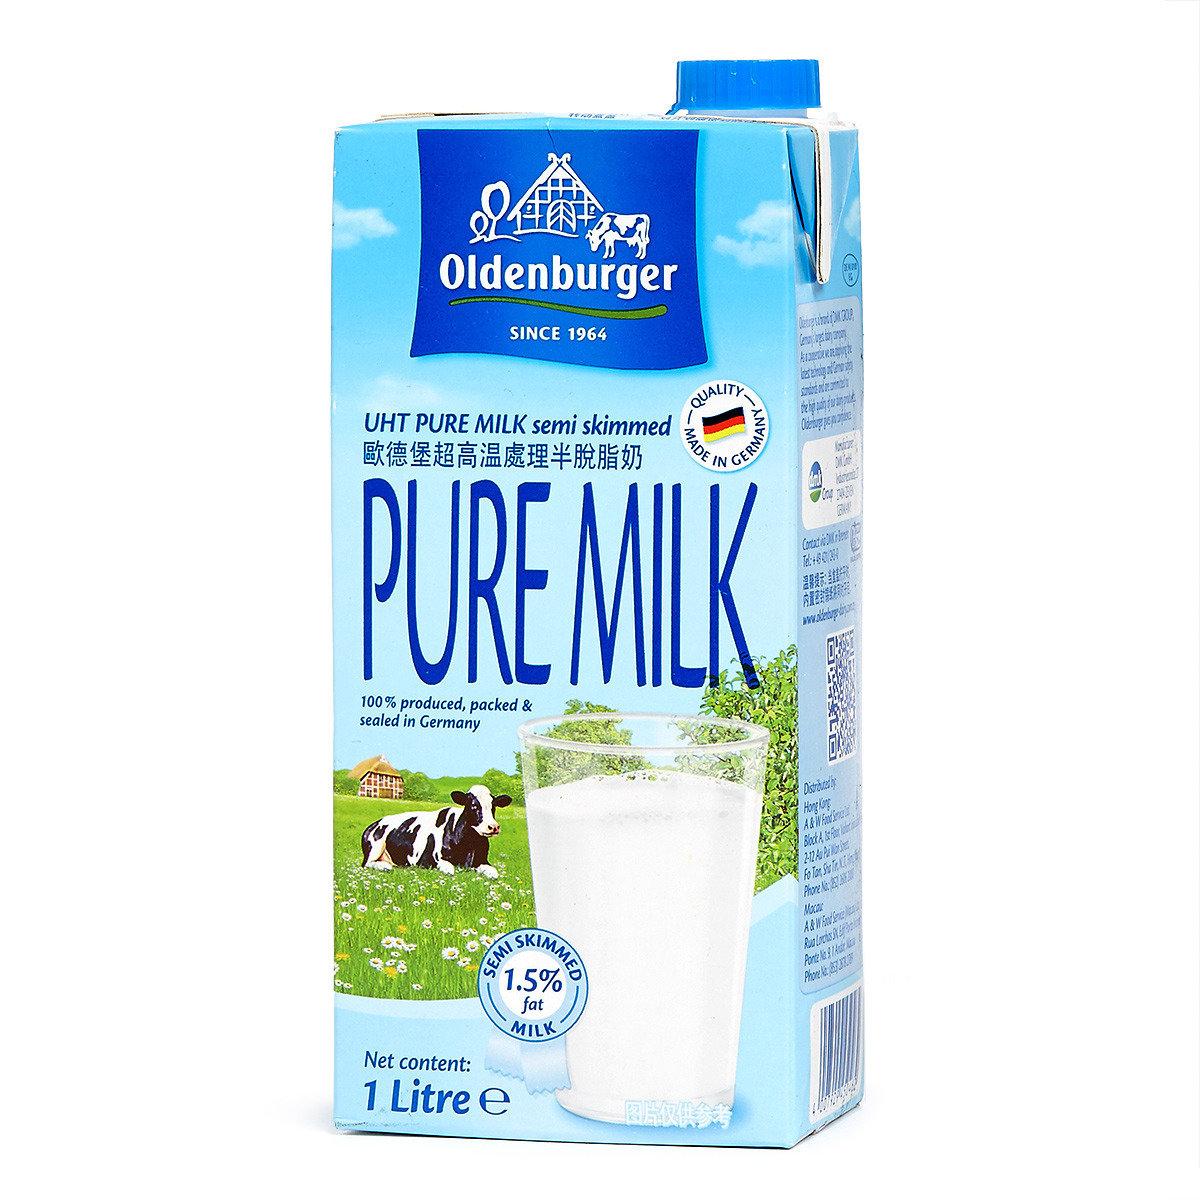 UHT 超高温處理半脫脂奶